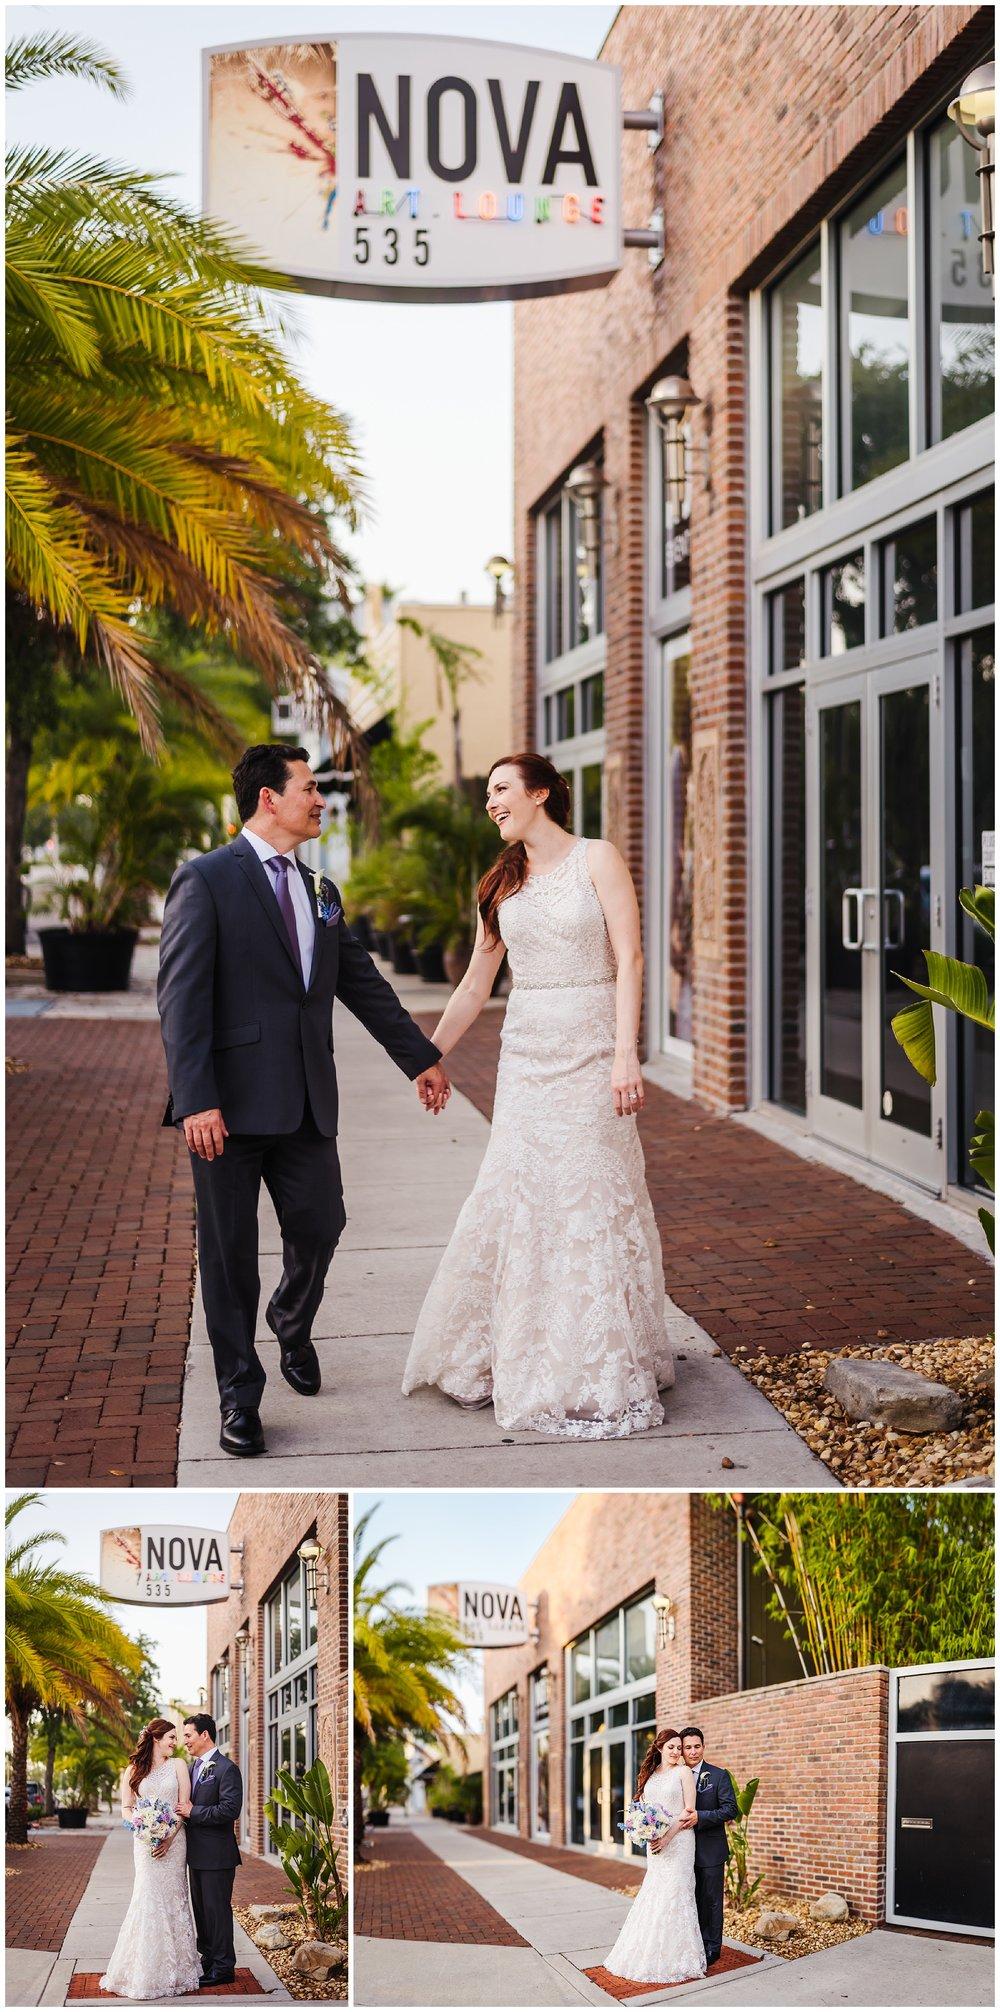 st-pete-wedding-photographer-nova-535-murals-downtown-lavendar_0036.jpg